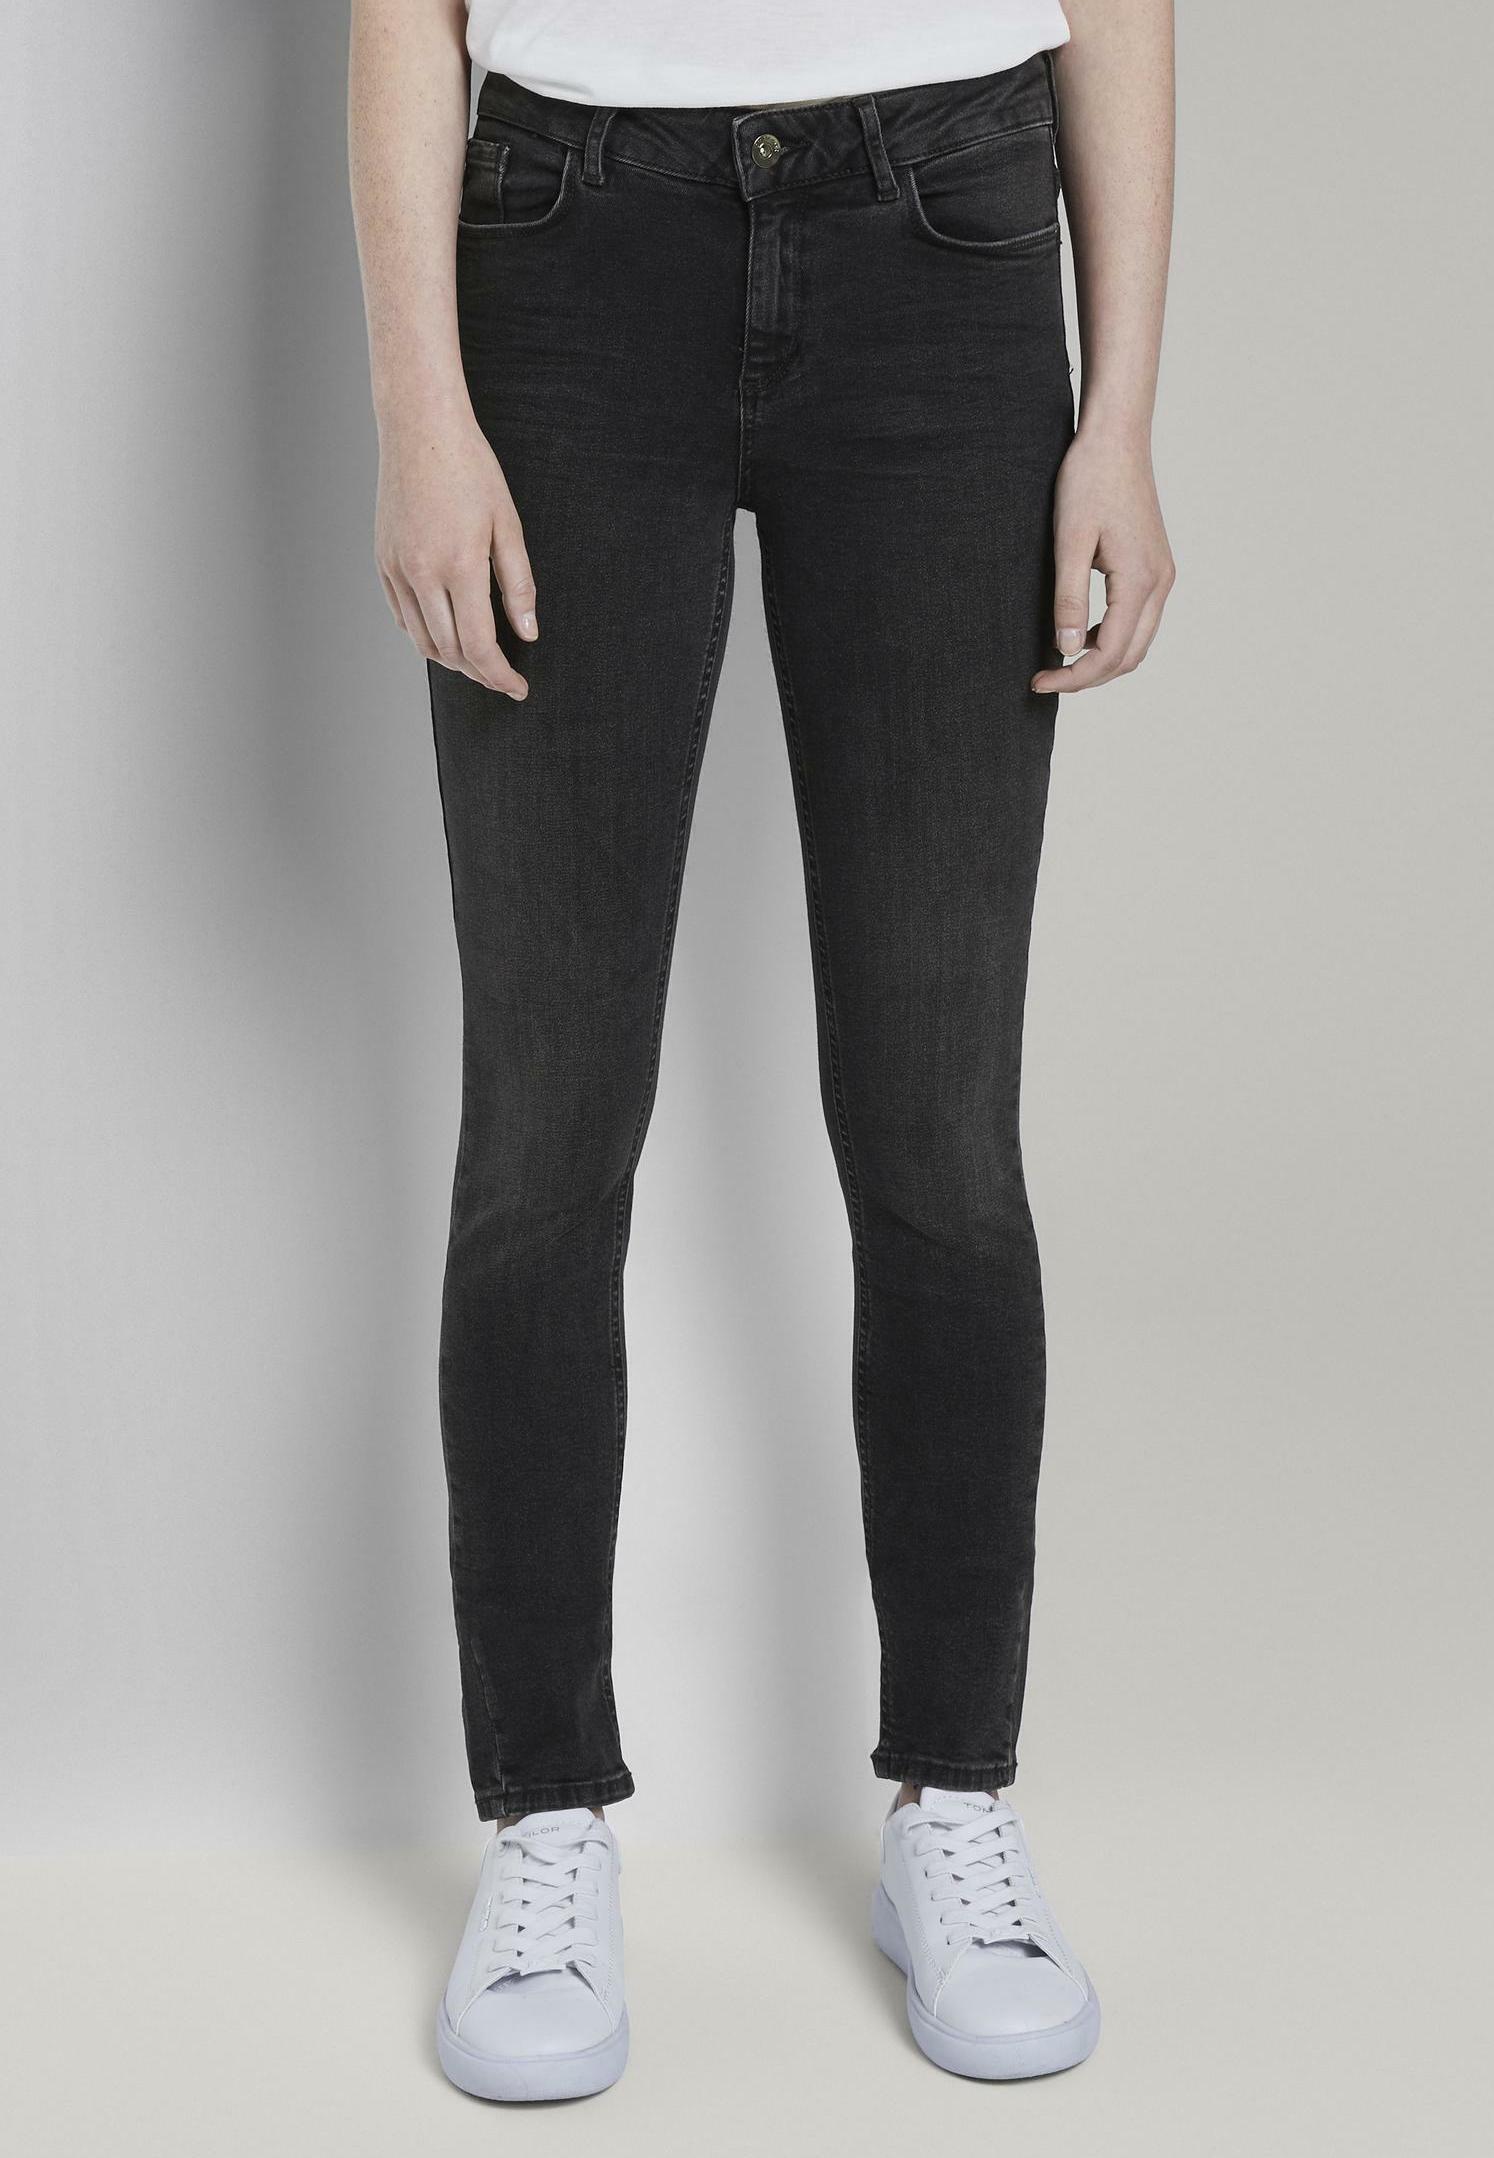 Femme TOM TAILOR JEANSHOSEN ALEXA SKINNY - Jeans Skinny